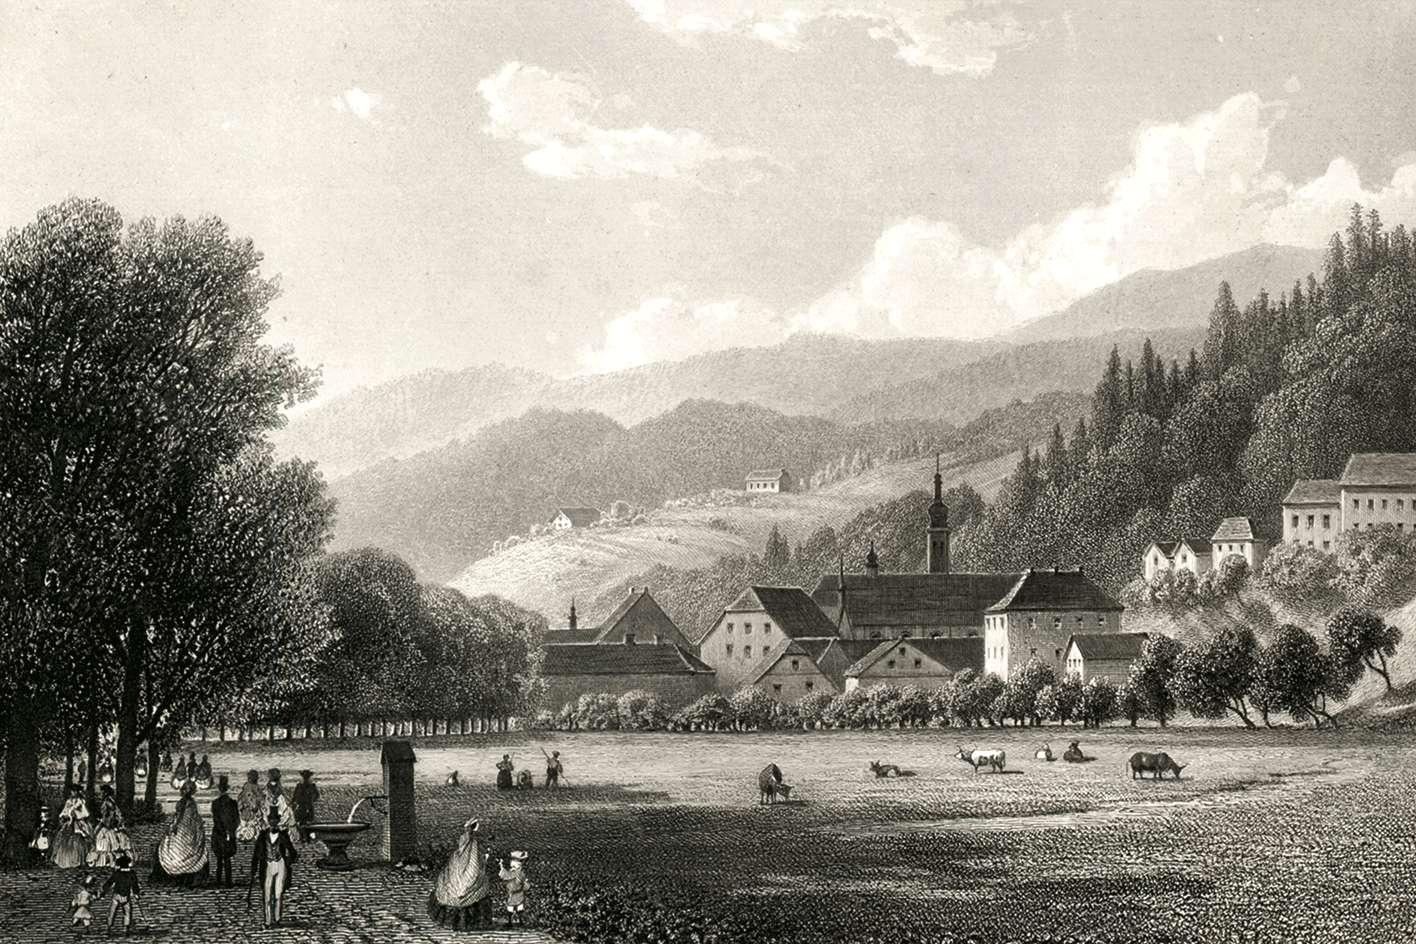 Ansicht von Lichtenthal, Vue de Lichtenthal, View of Lichtenthal, Bild 1